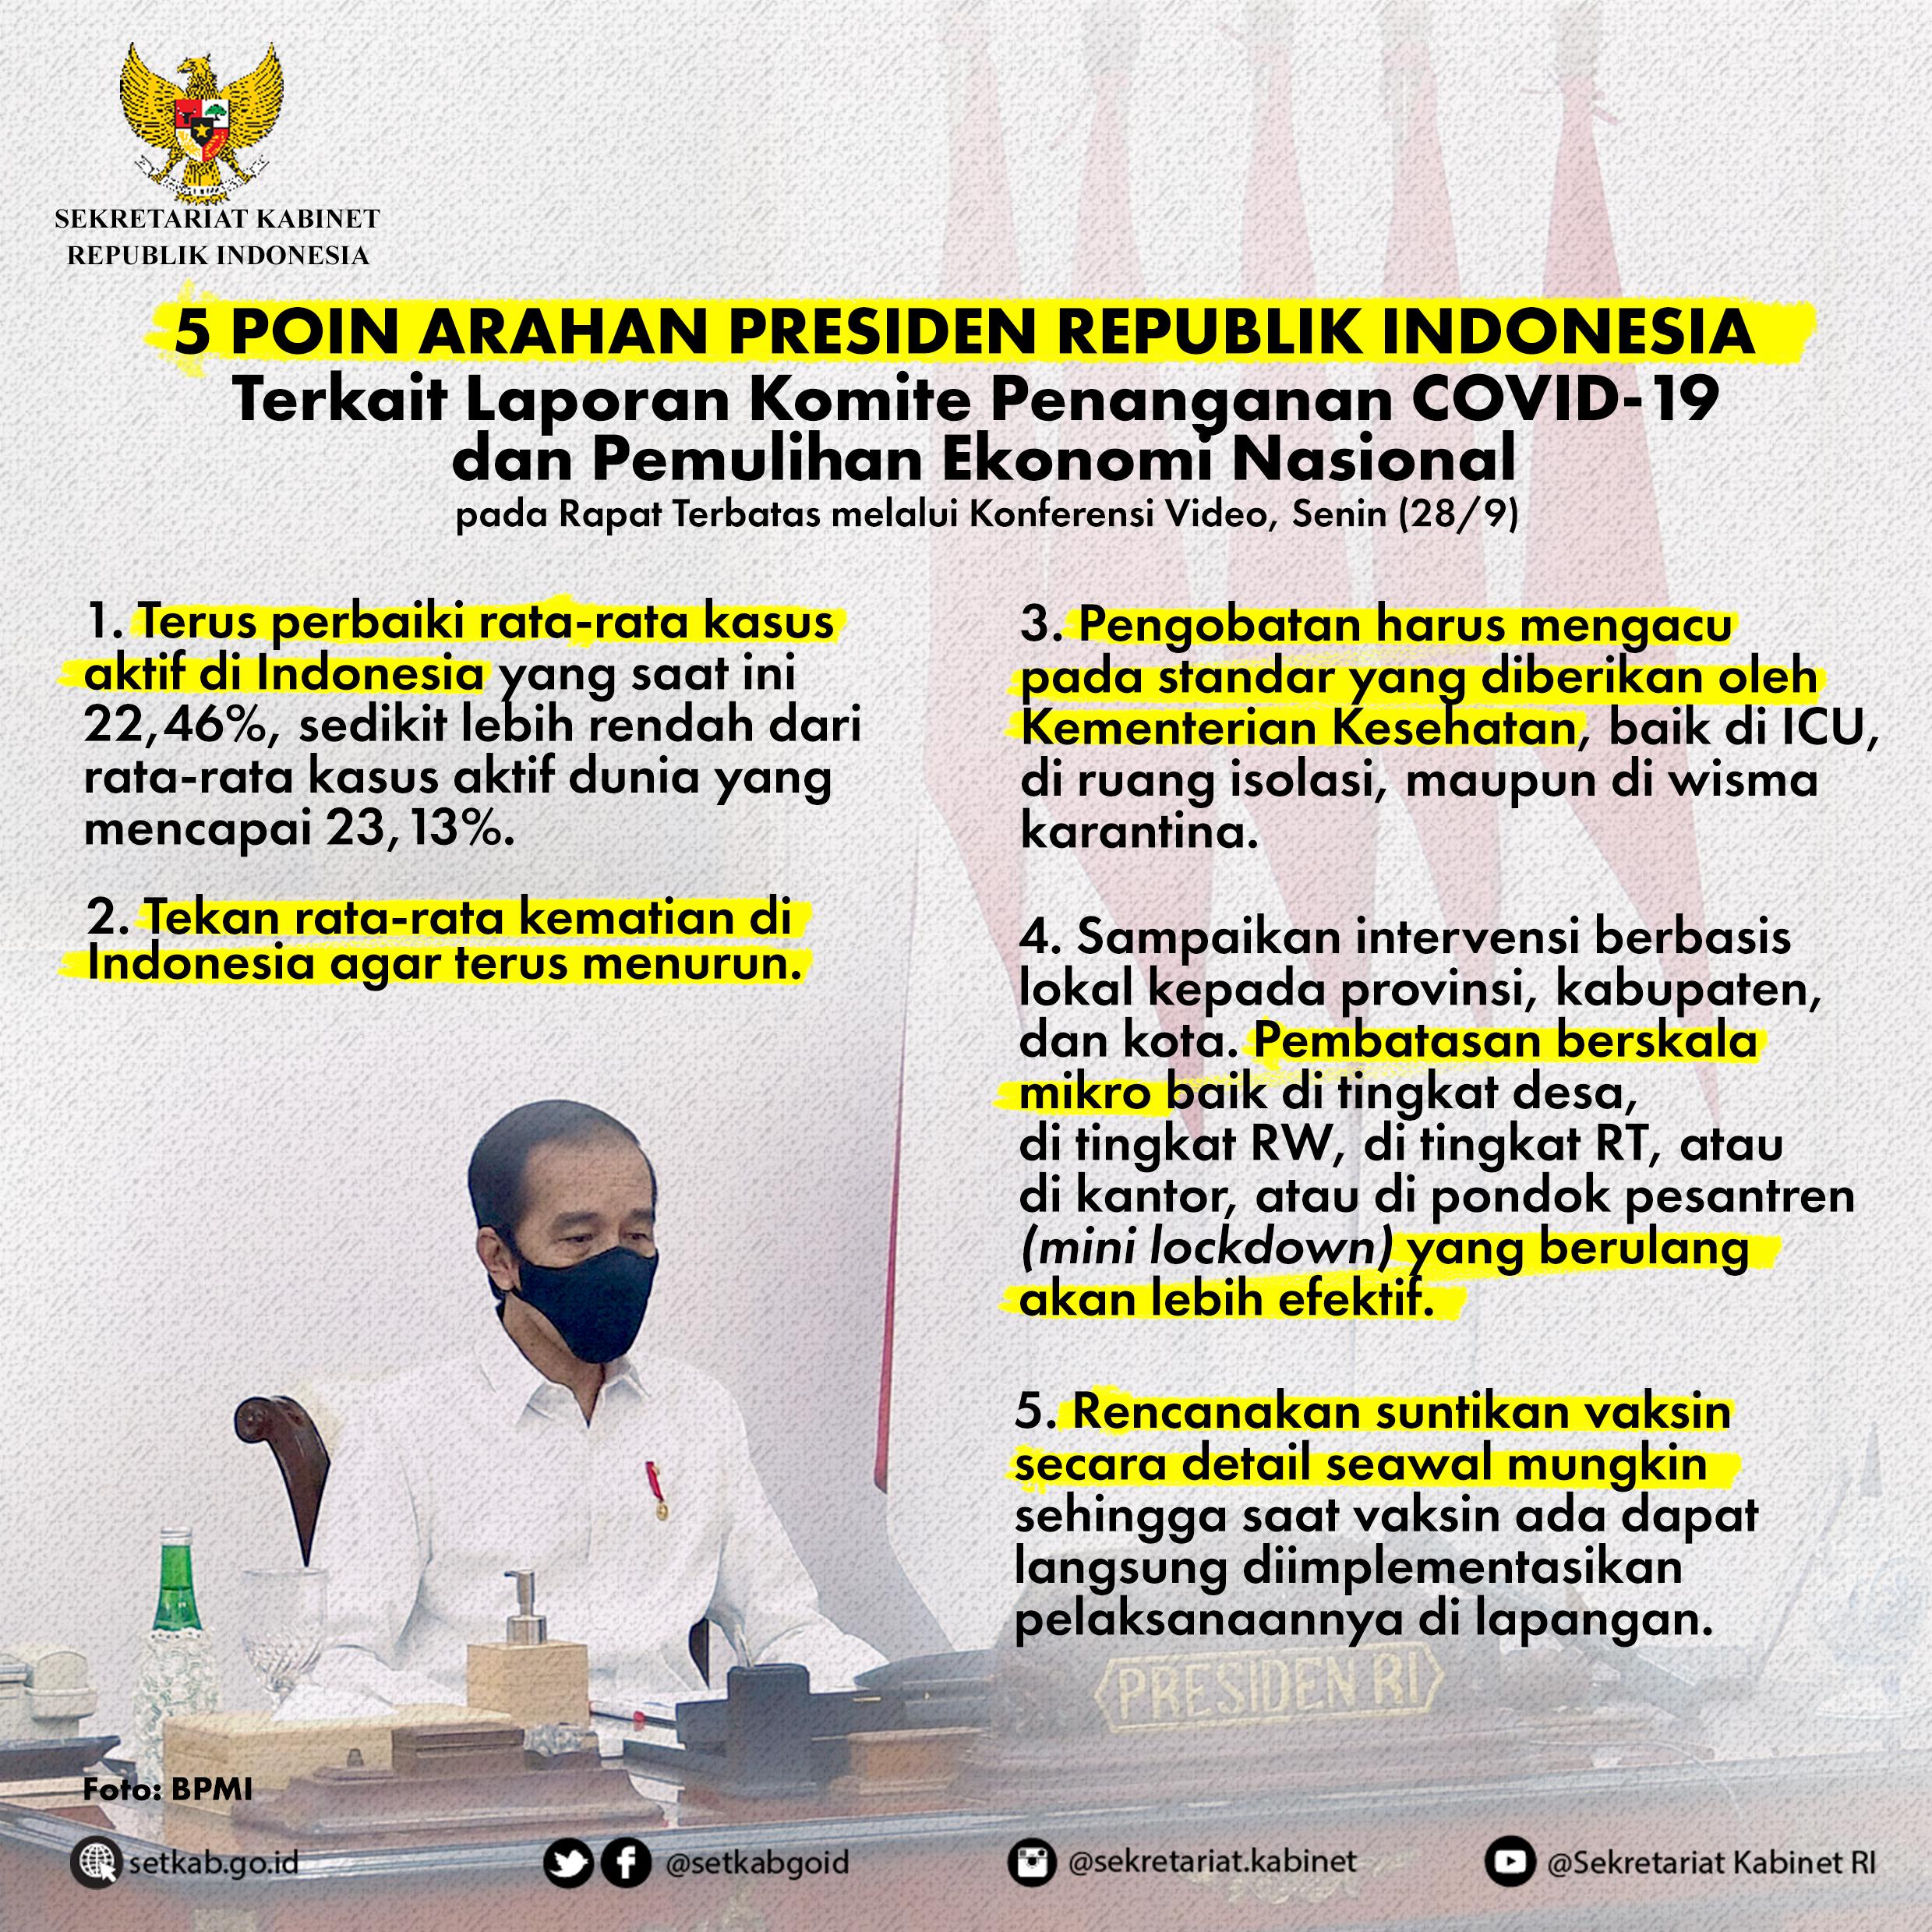 """Arahan Presiden Joko Widodo pada Rapat Terbatas terkait """"Laporan Komite Penanganan #COVID19 dan Pemulihan Ekonomi Nasional"""""""